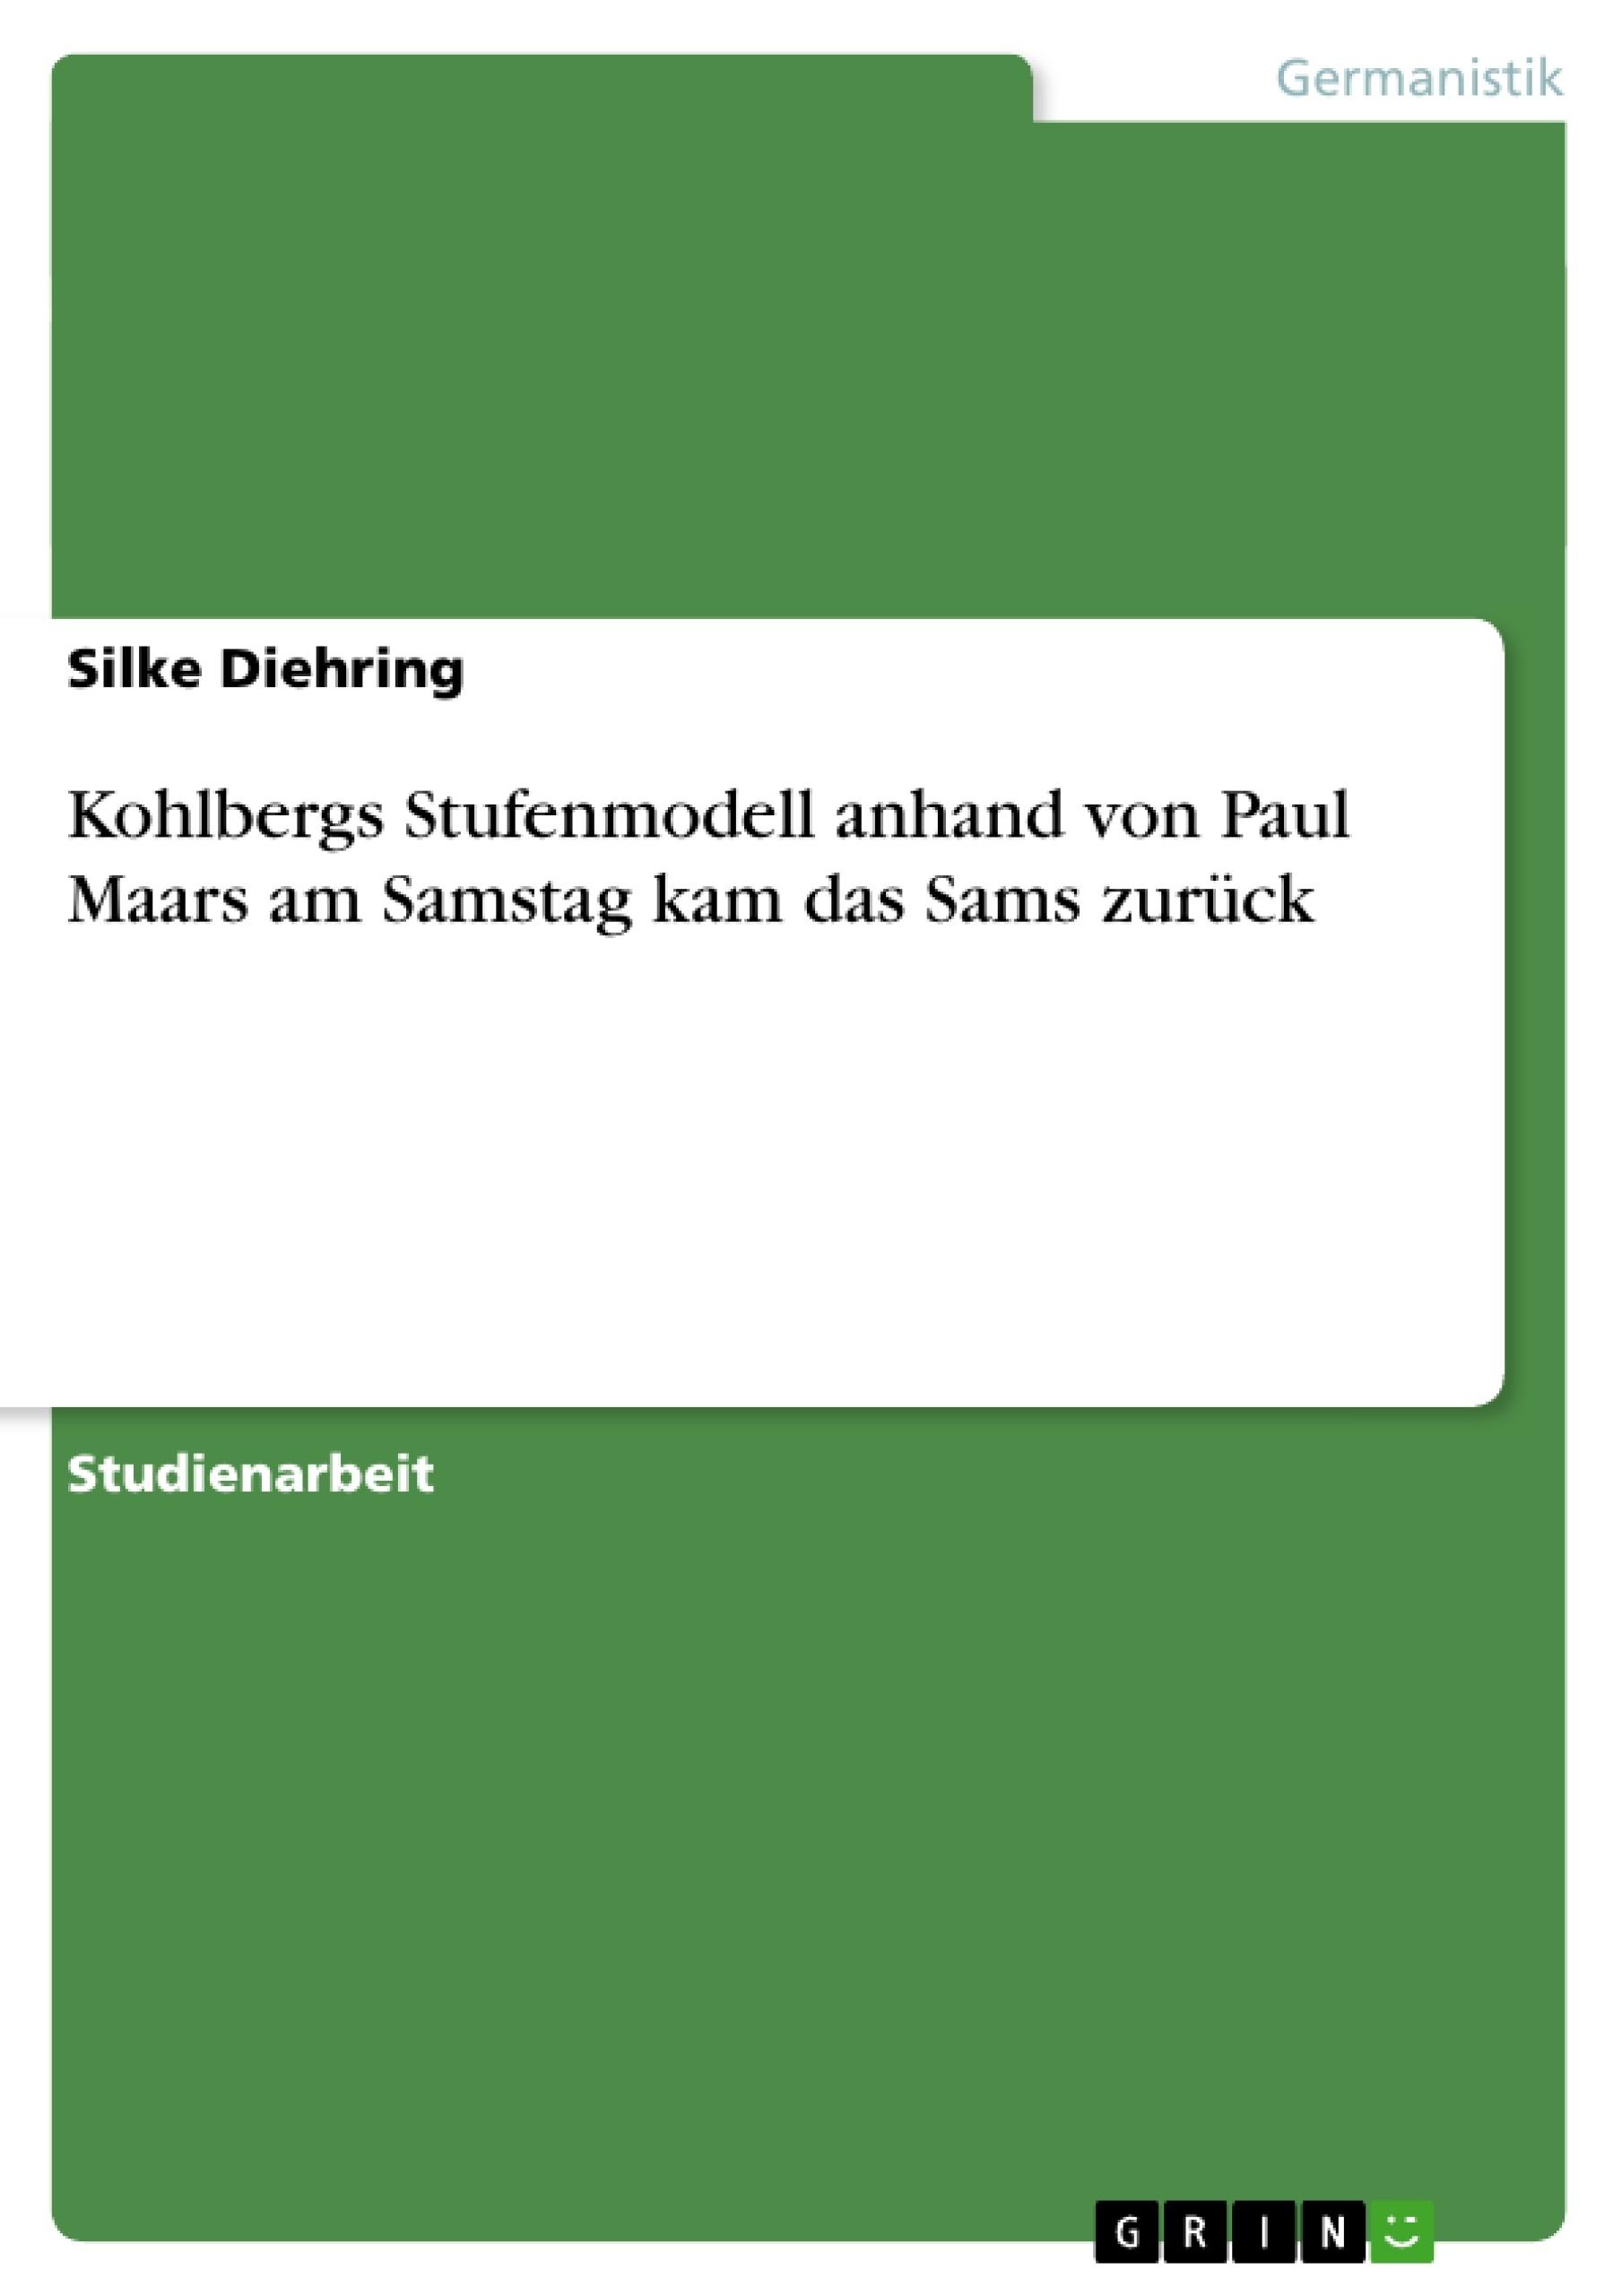 Titel: Kohlbergs Stufenmodell anhand von Paul Maars am Samstag kam das Sams zurück